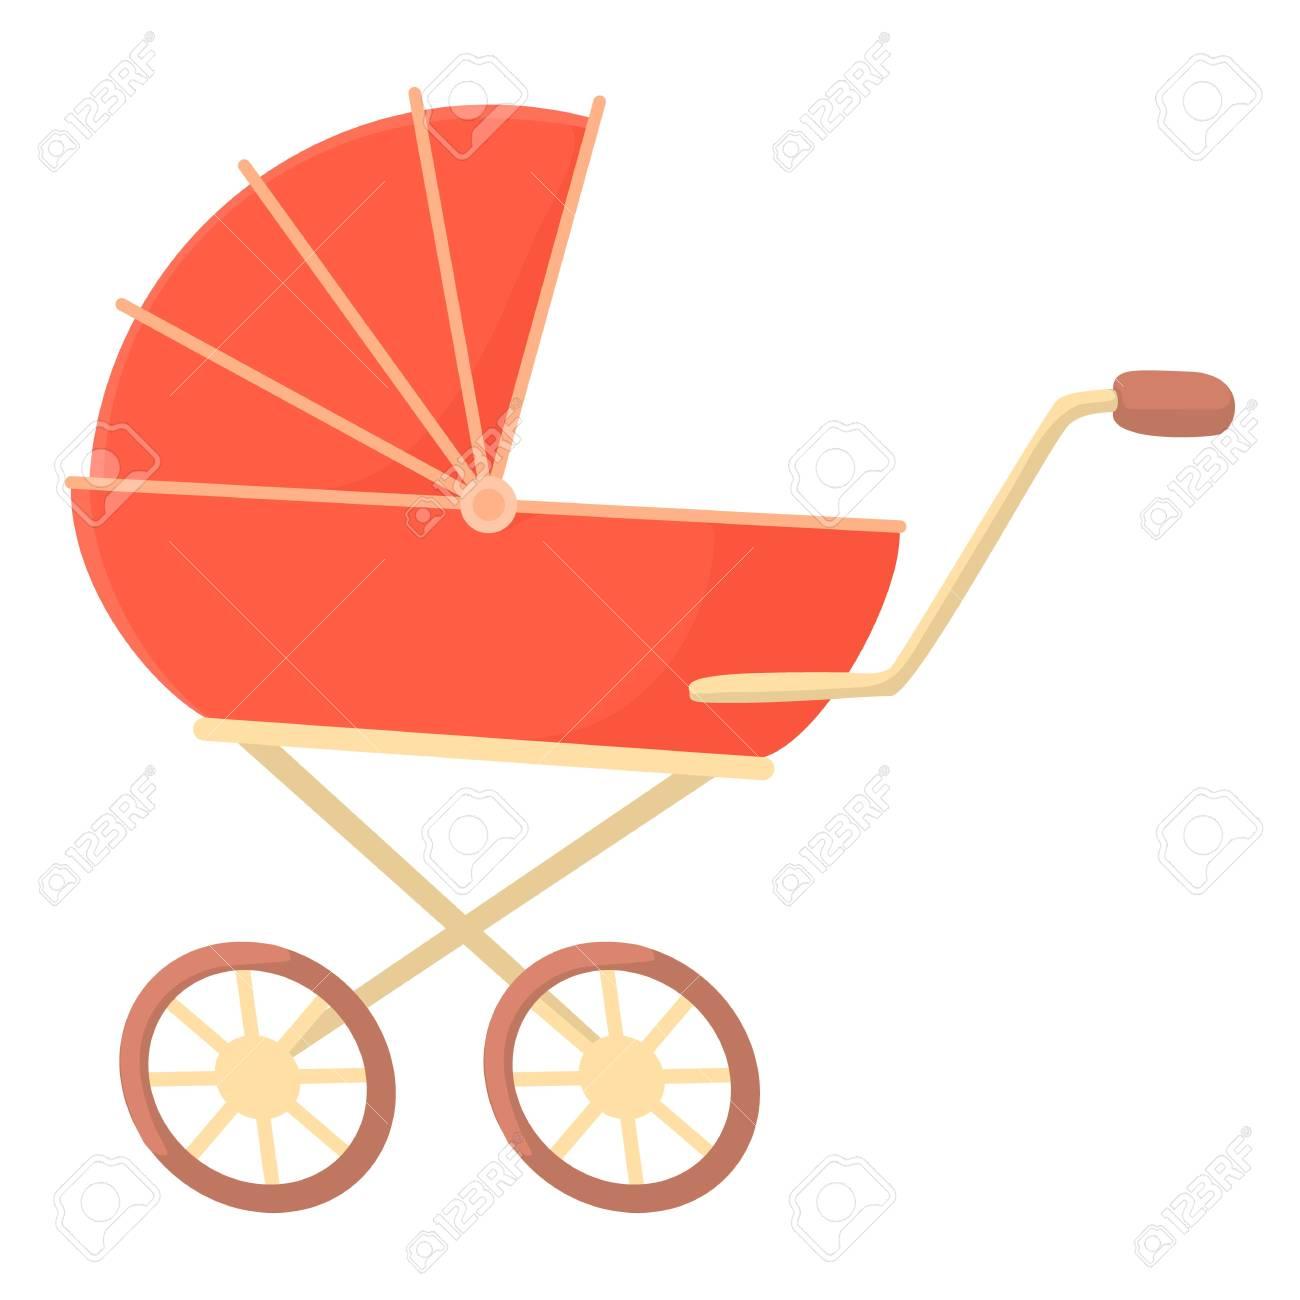 Icono del cochecito de bebé de color rojo. Ilustración de dibujos animados de cochecito de bebé del vector del icono de color rojo para la web